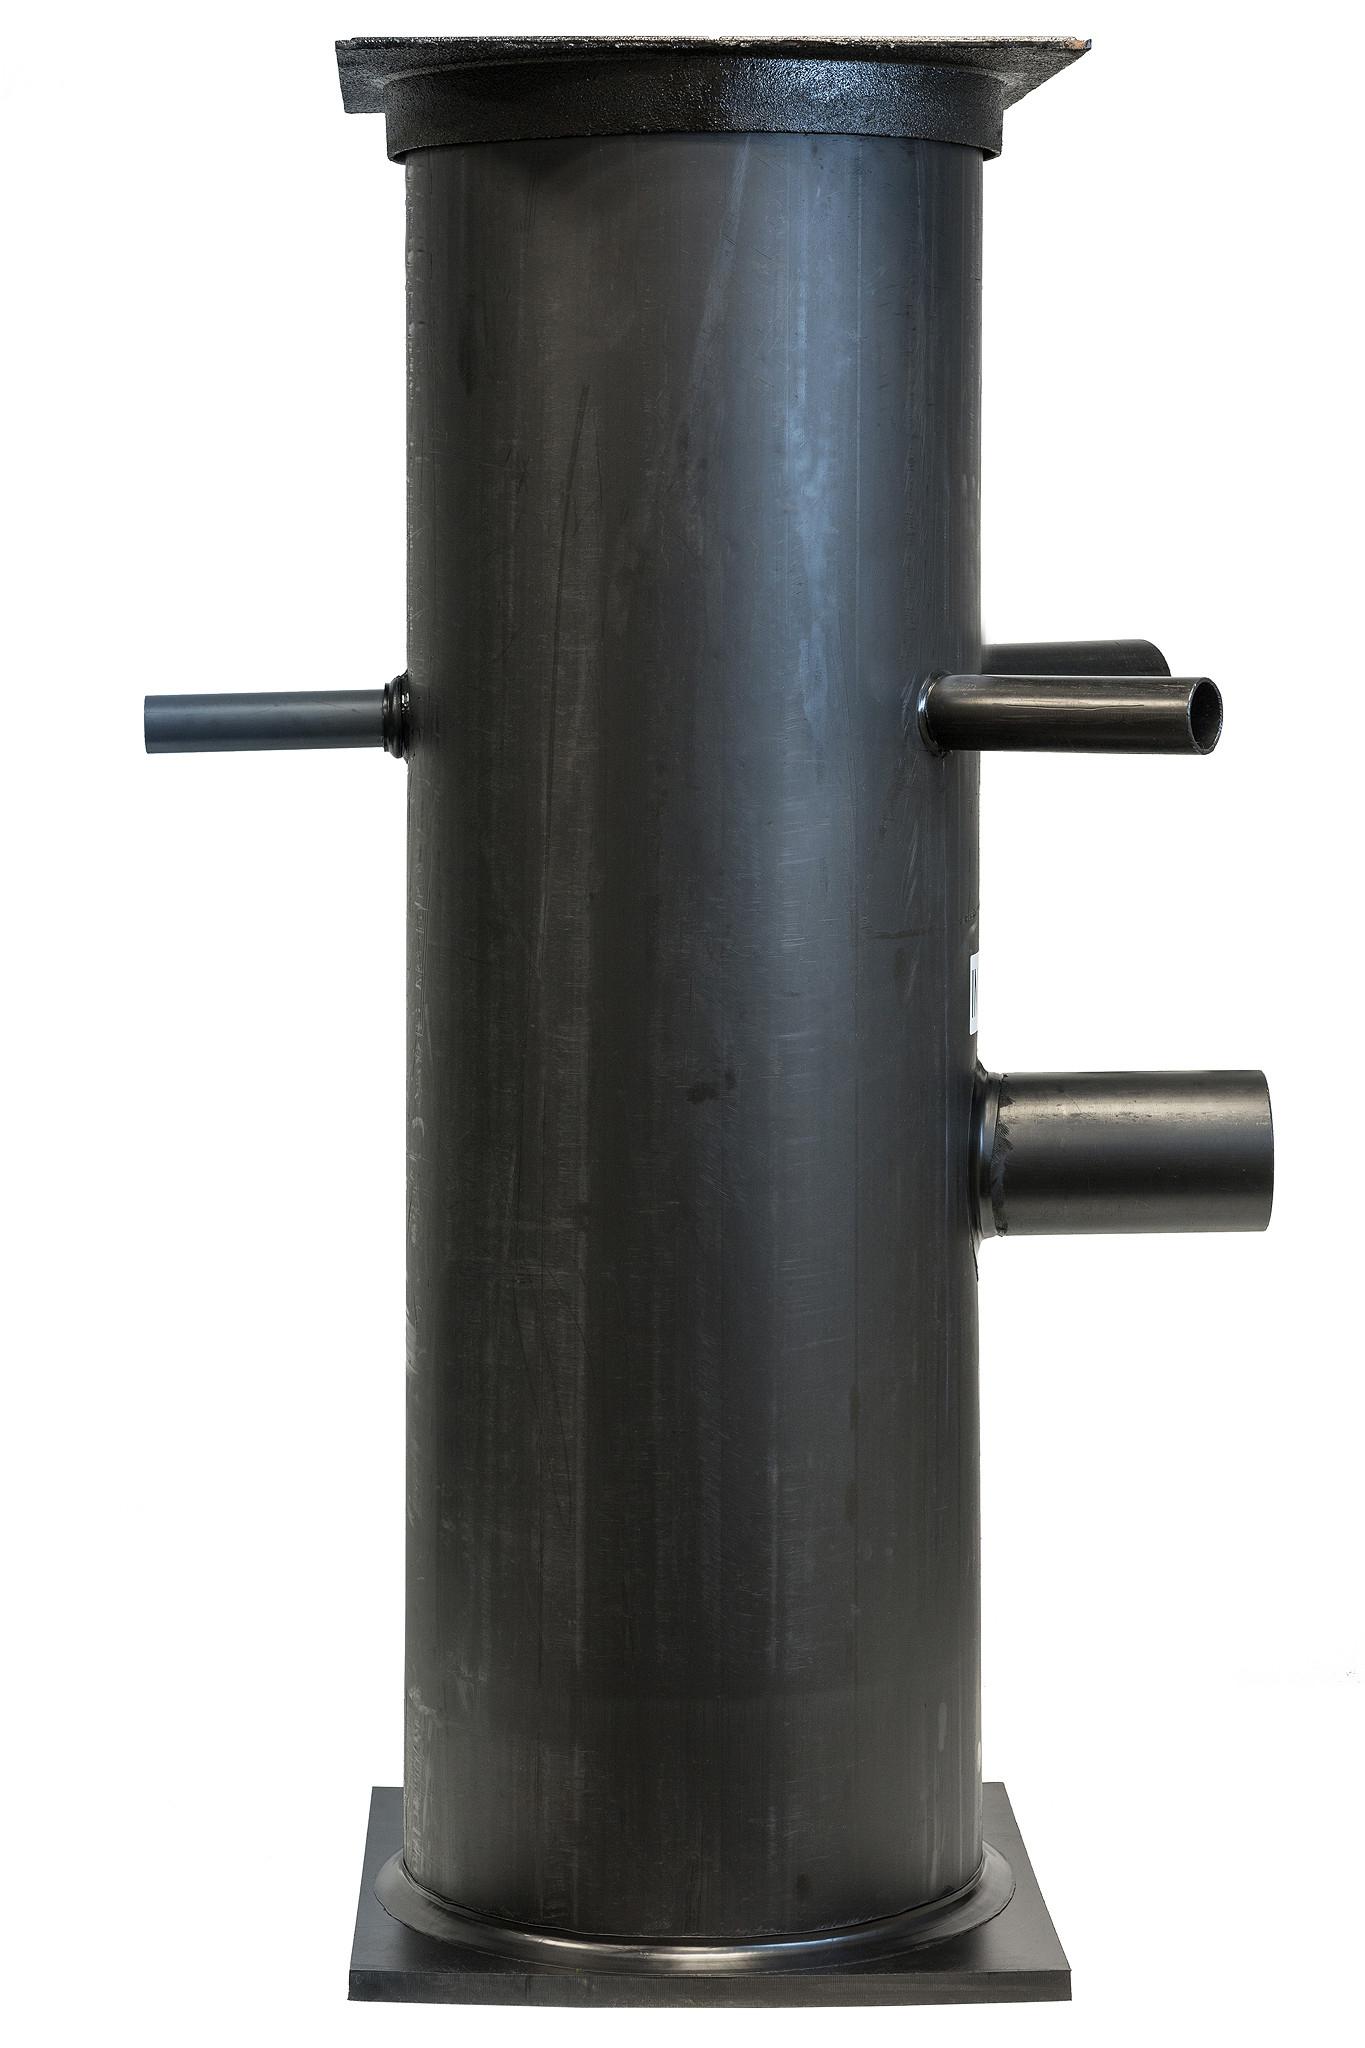 PEHD 612/1200 Prestige - 350 litres